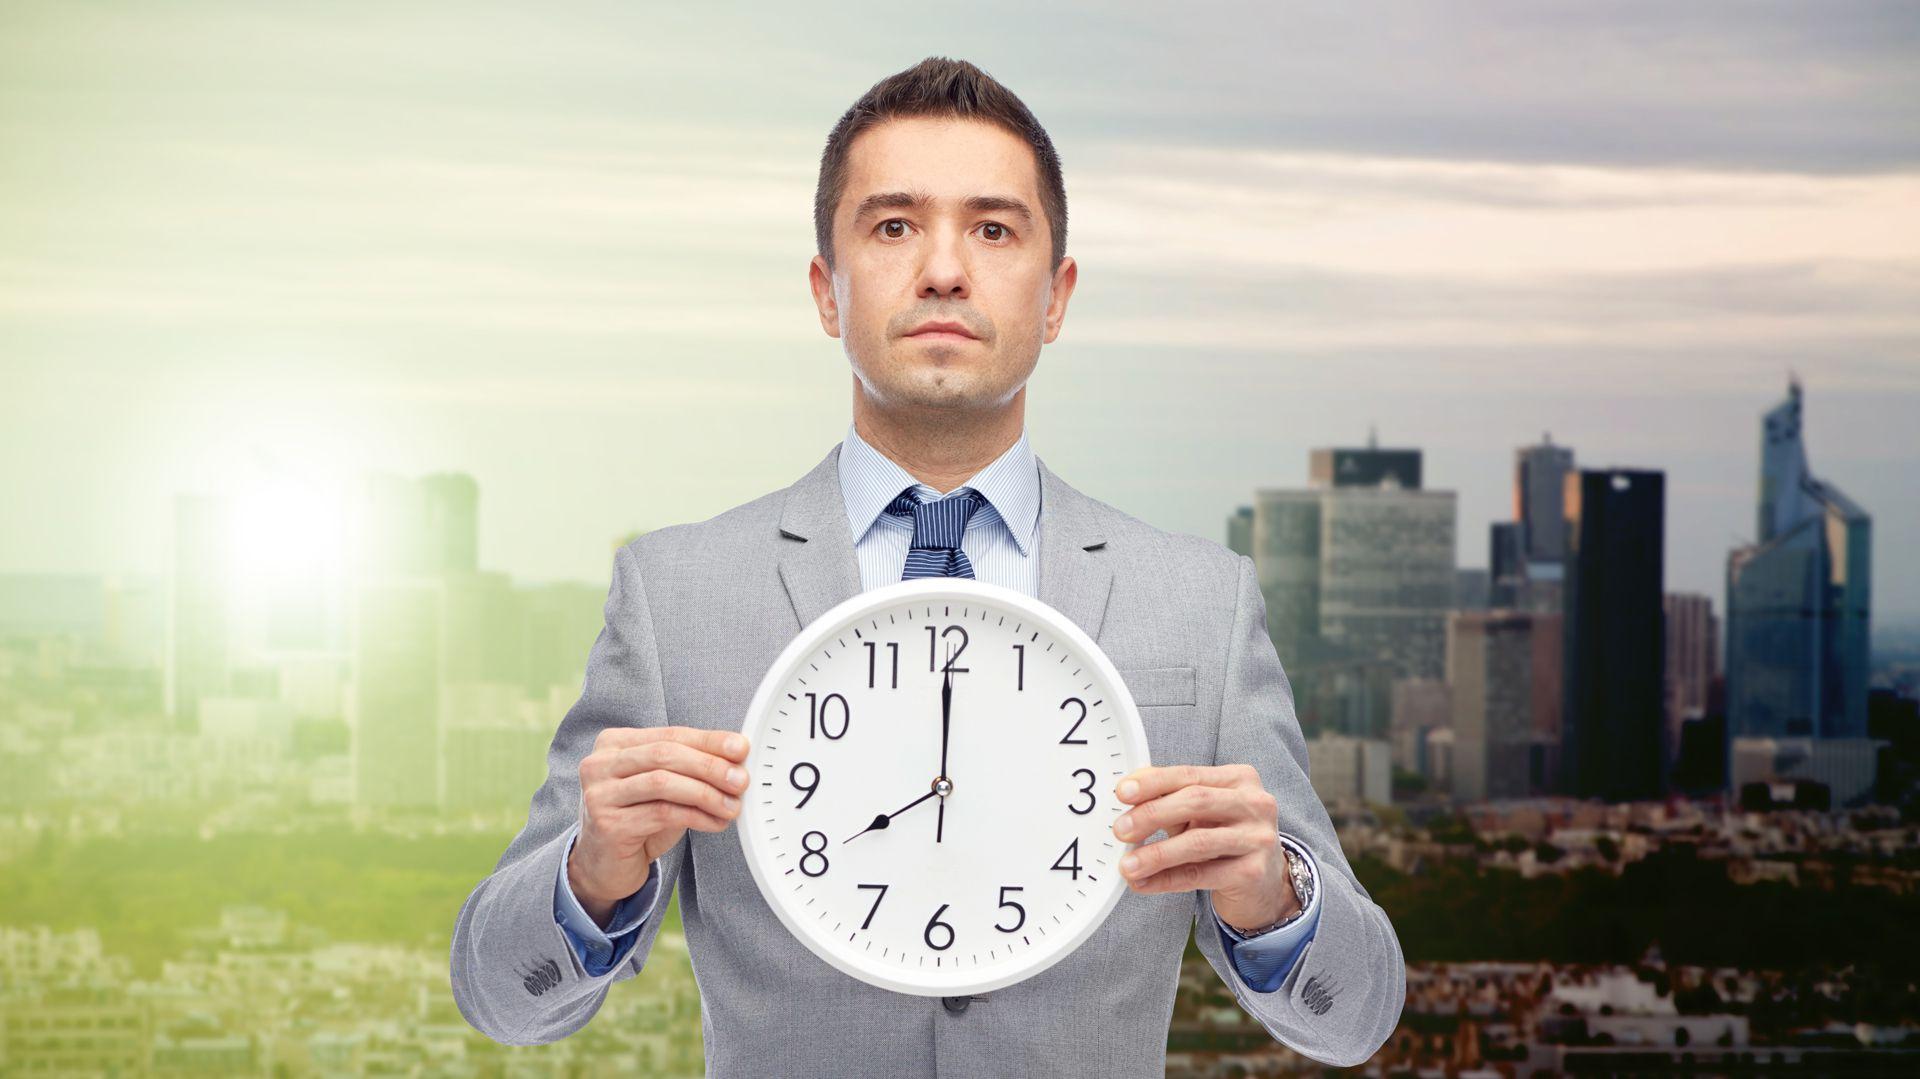 """Las personas que sufren el jet lag con mas frecuencia, podrían tener un ritmo circadiano """"débil"""". (Shutterstock)"""